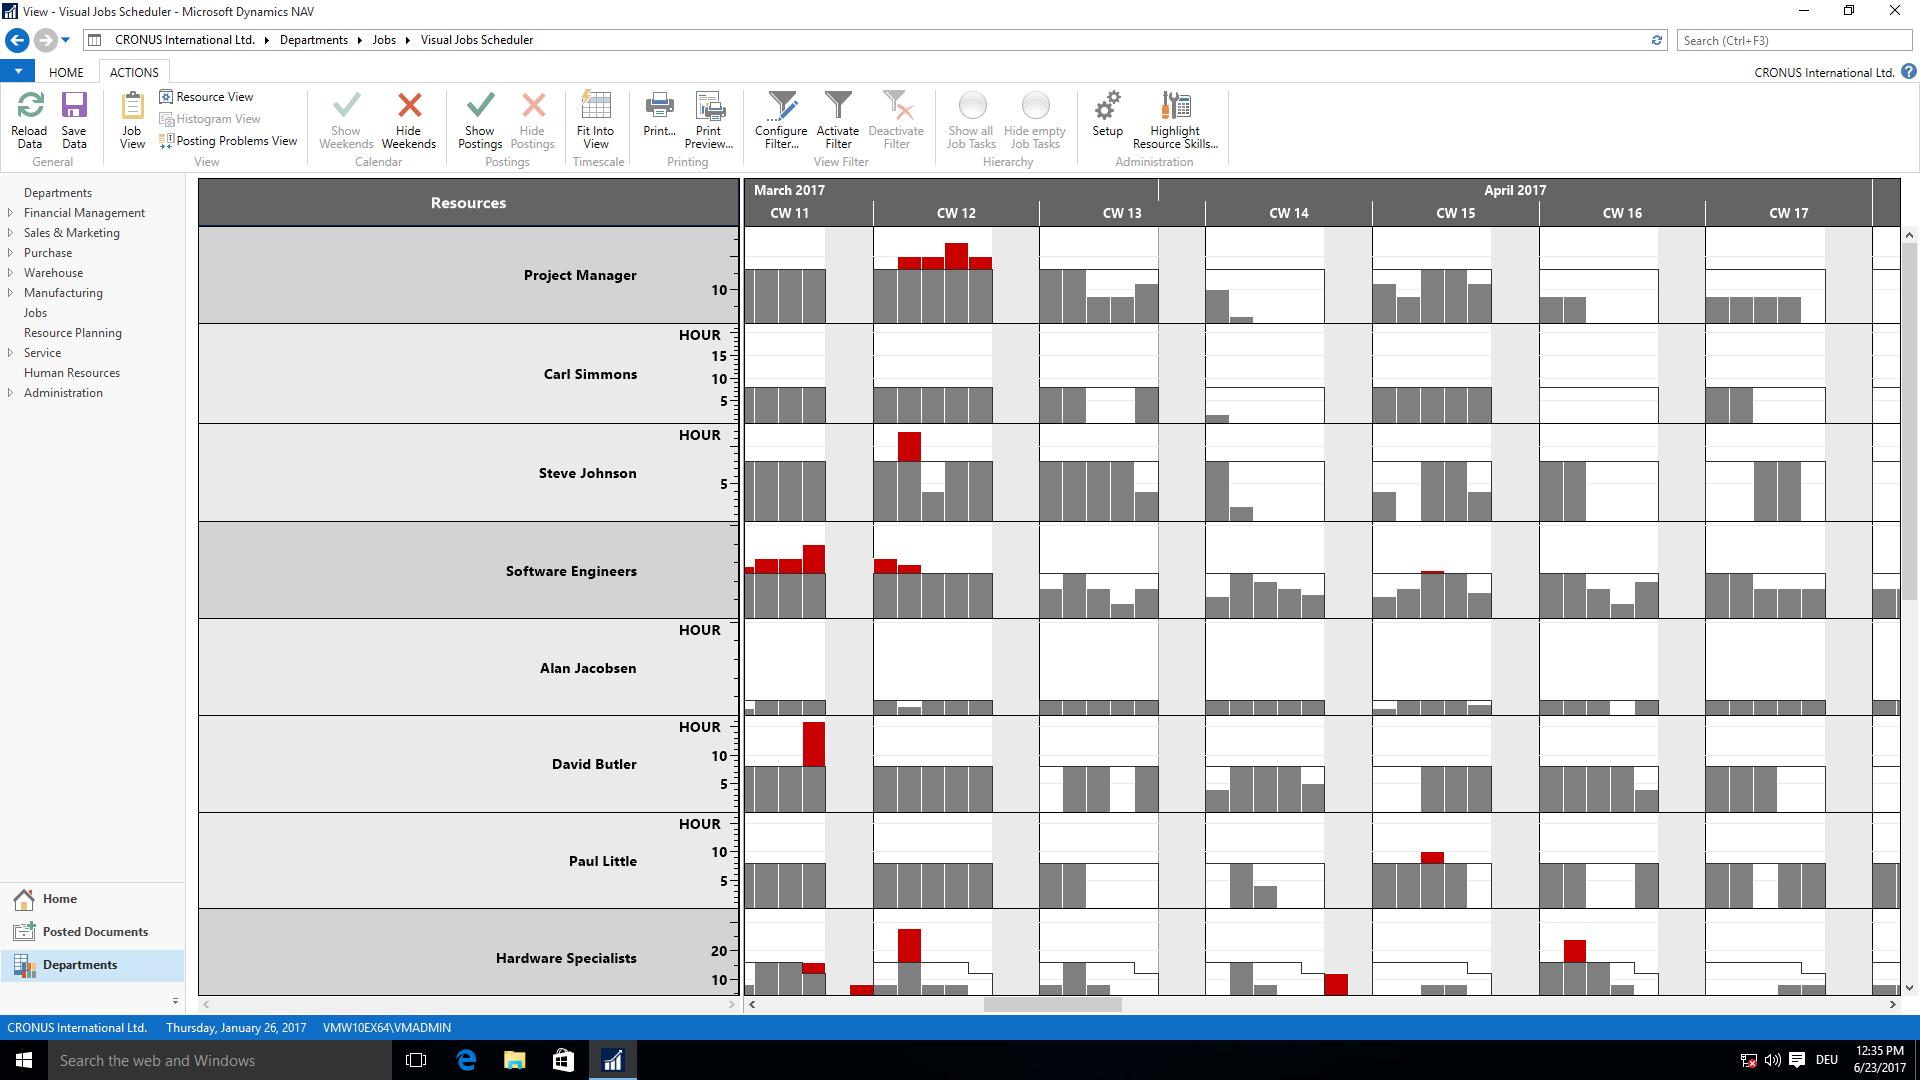 Visual Jobs Scheduler - Kontrolle über die Auslastung der Kapazitäten